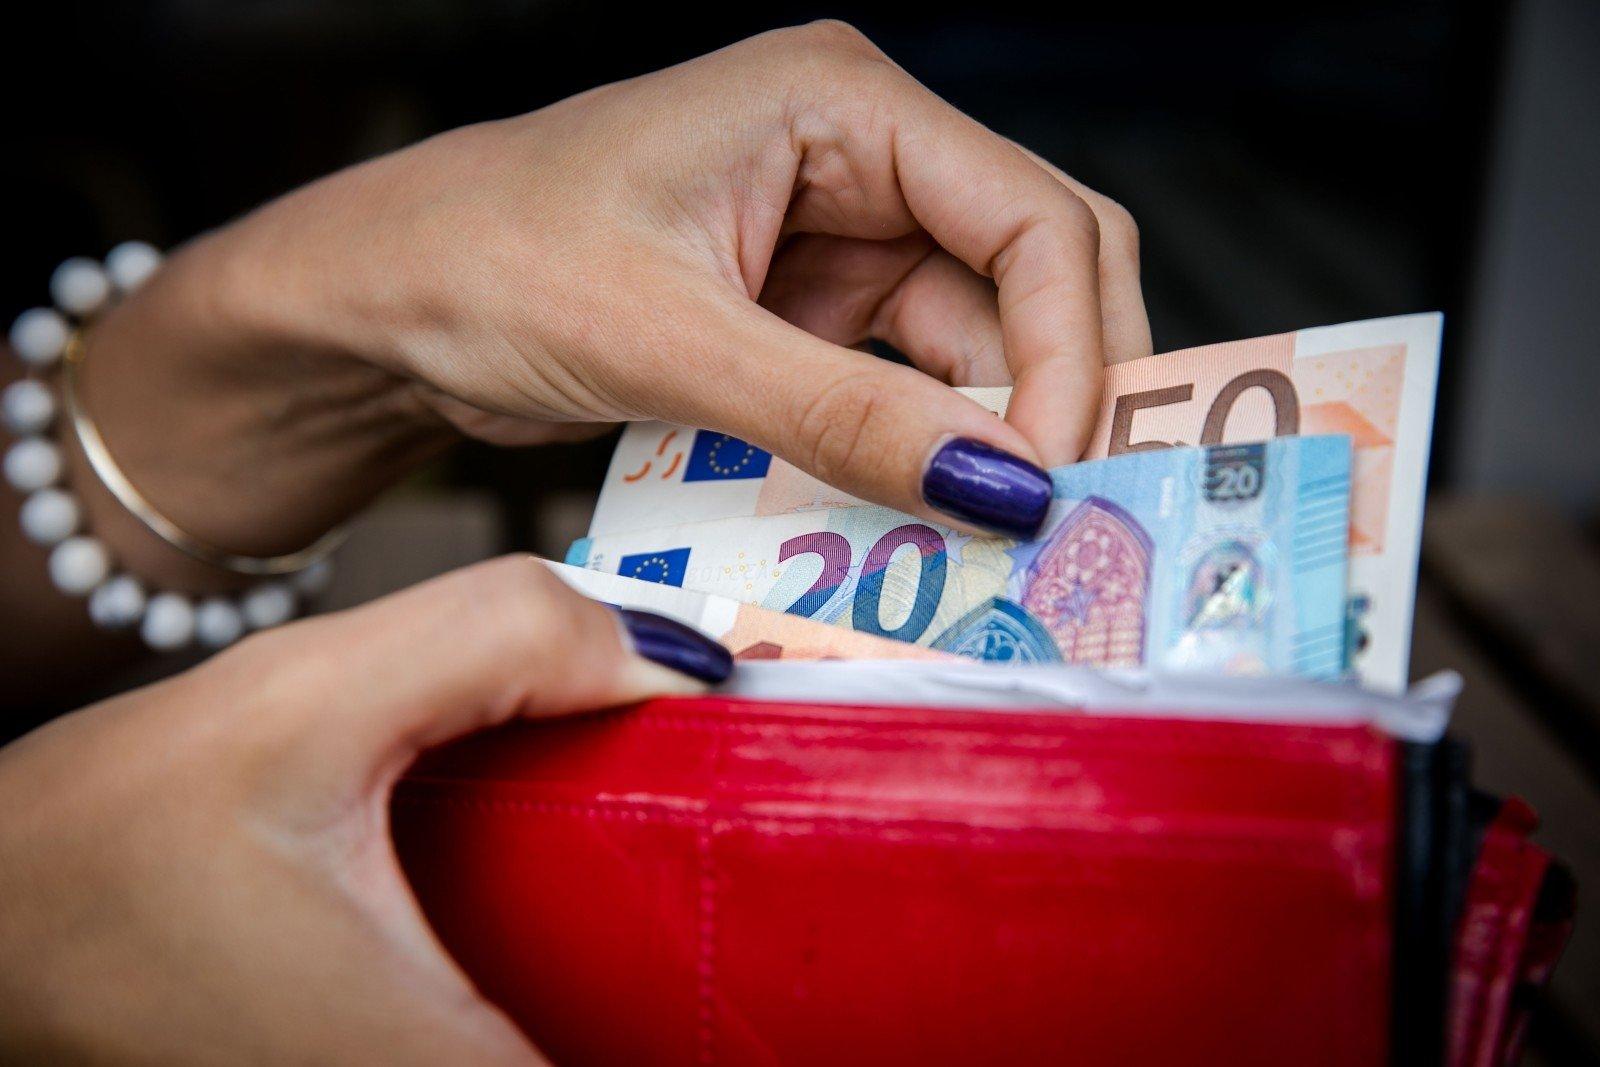 Kaip uždirbti didelius pinigus neužkraunant pinigų